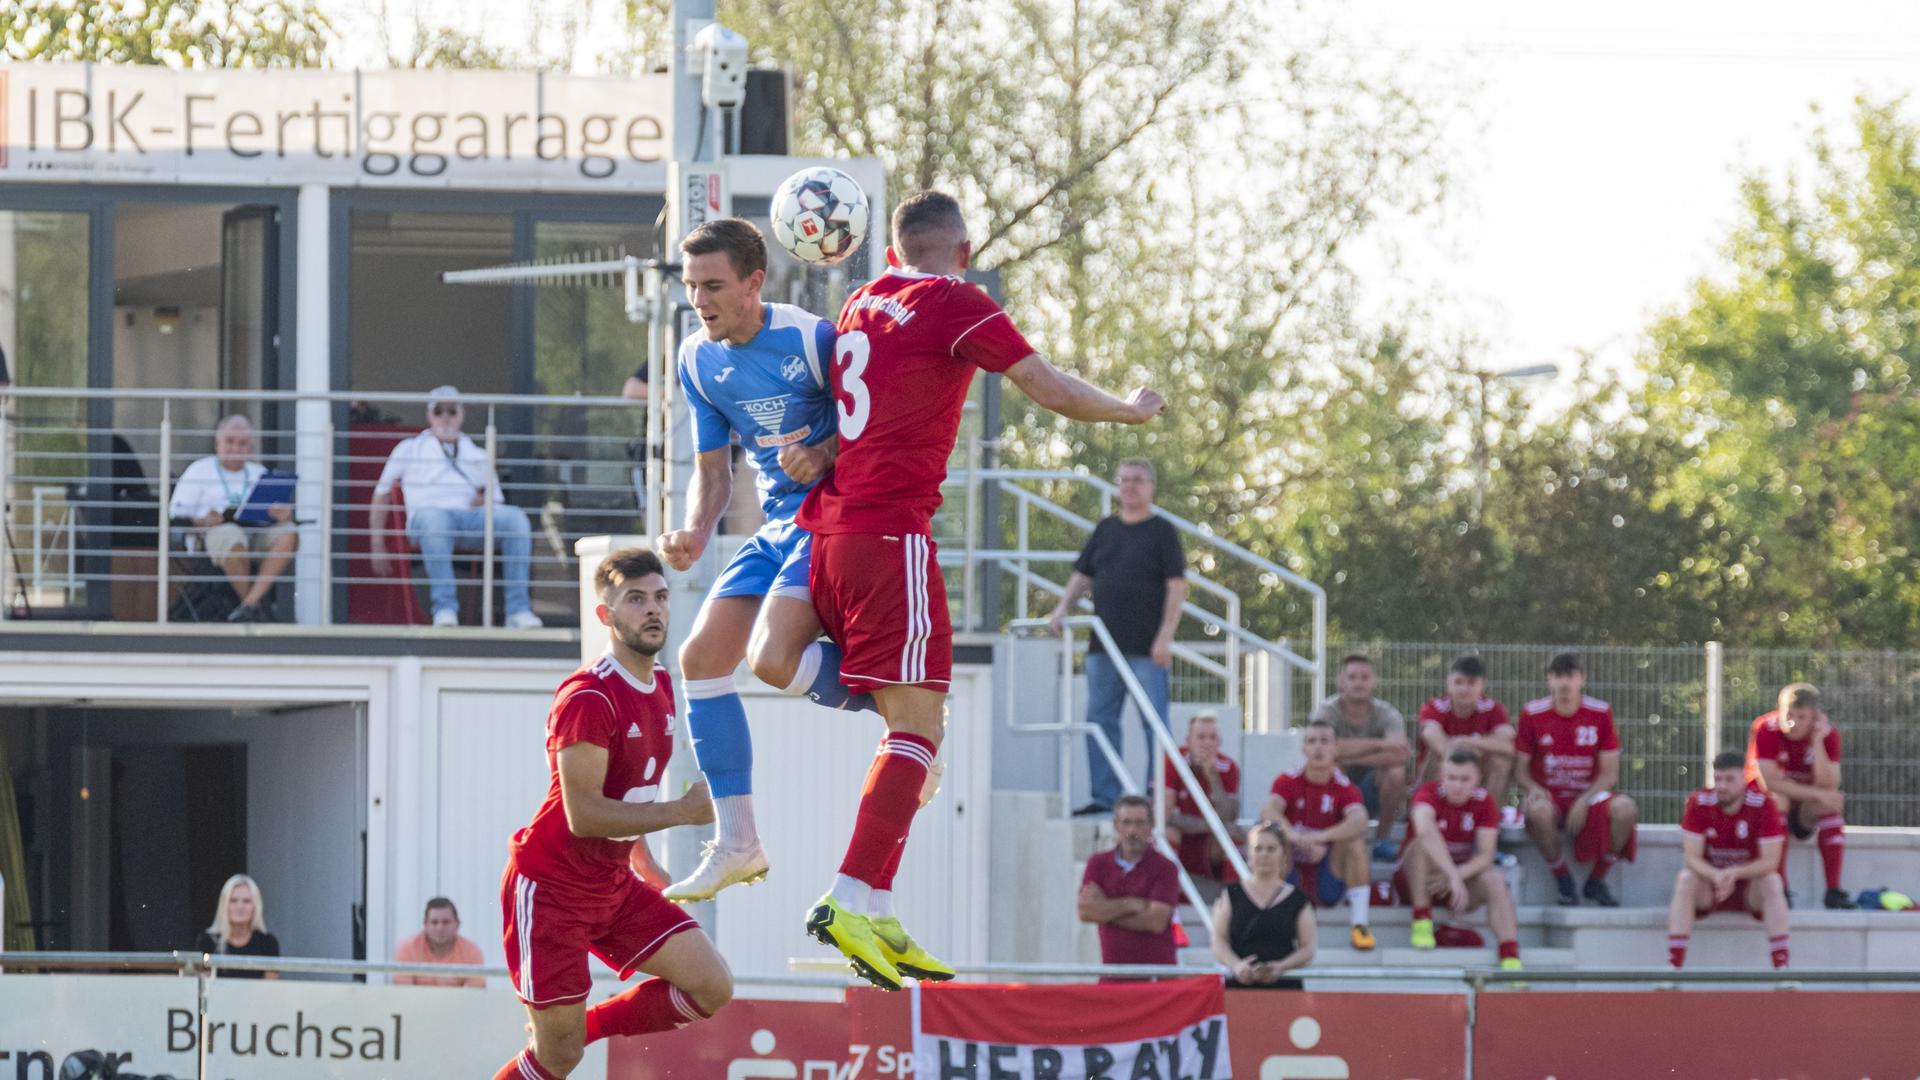 Farbenwechsel: Der frühere Kirrlacher Andre Redekop, hier im blauen Trikot des 1. CfR Pforzheim, wird in der kommenden Saison für den 1. FC Bruchsal auflaufen.